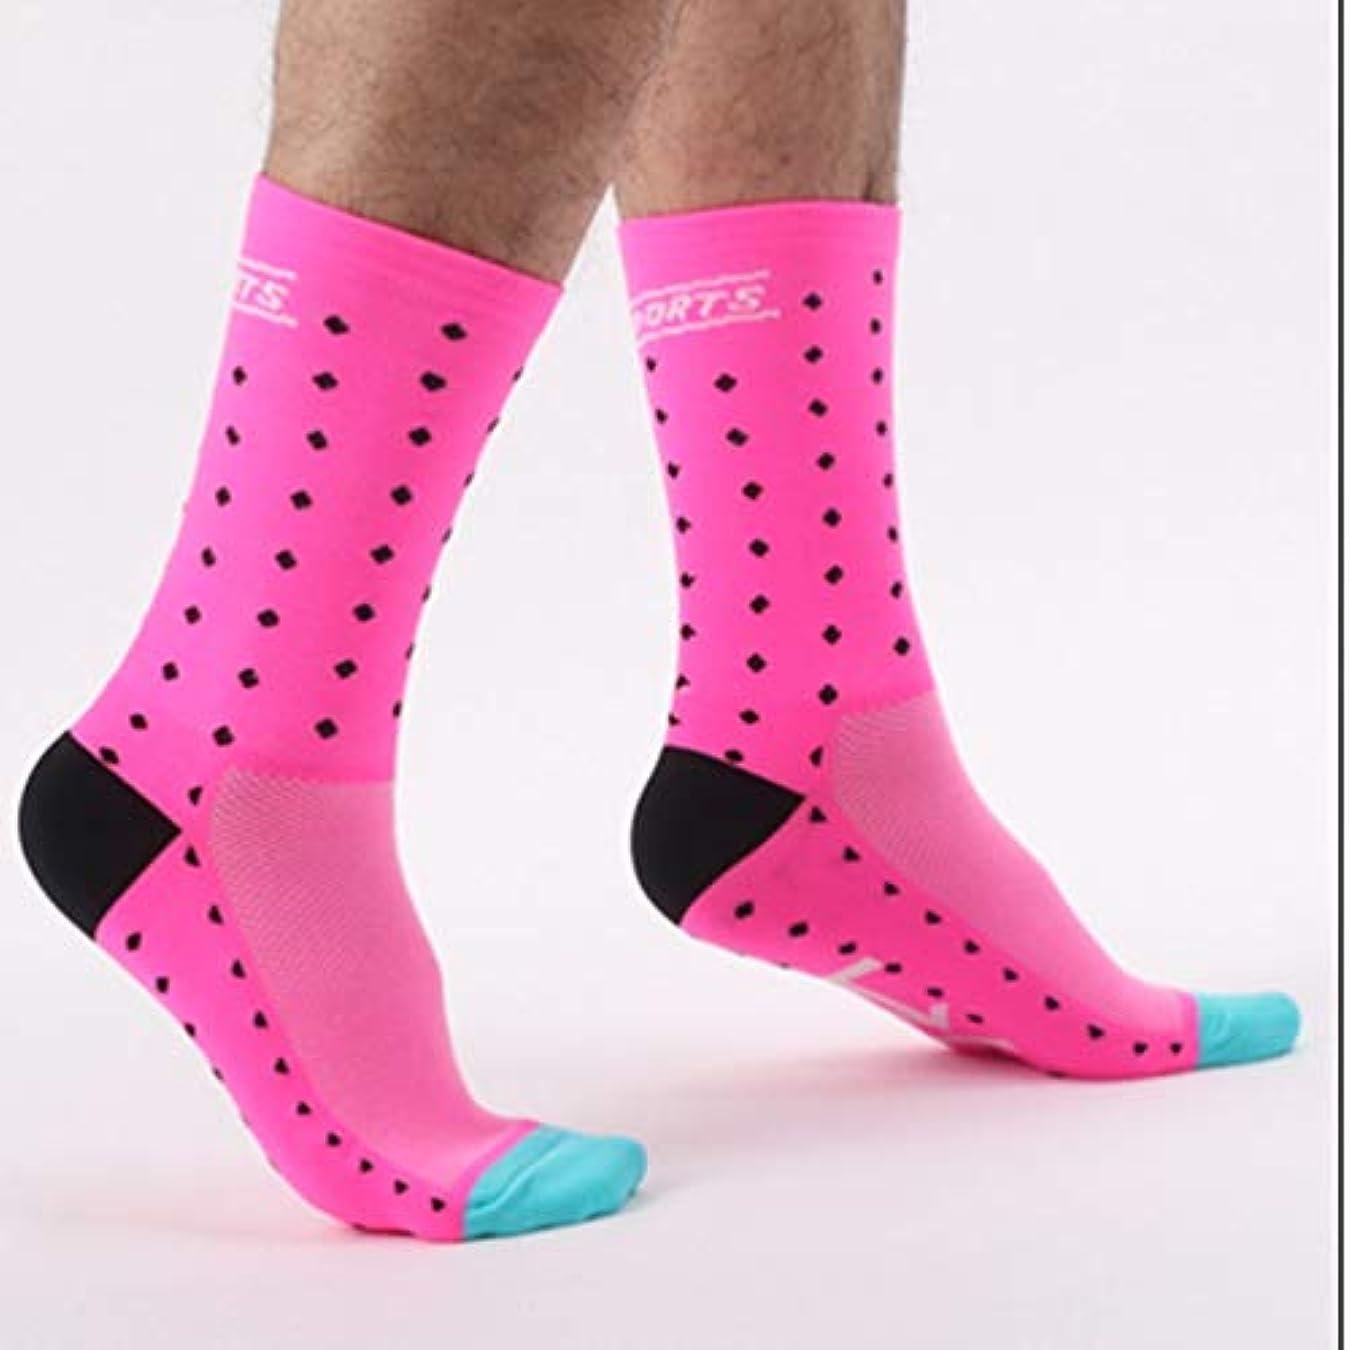 脊椎掘る支援するDH04快適なファッショナブルな屋外サイクリングソックス男性女性プロの通気性スポーツソックスバスケットボールソックス - ピンク